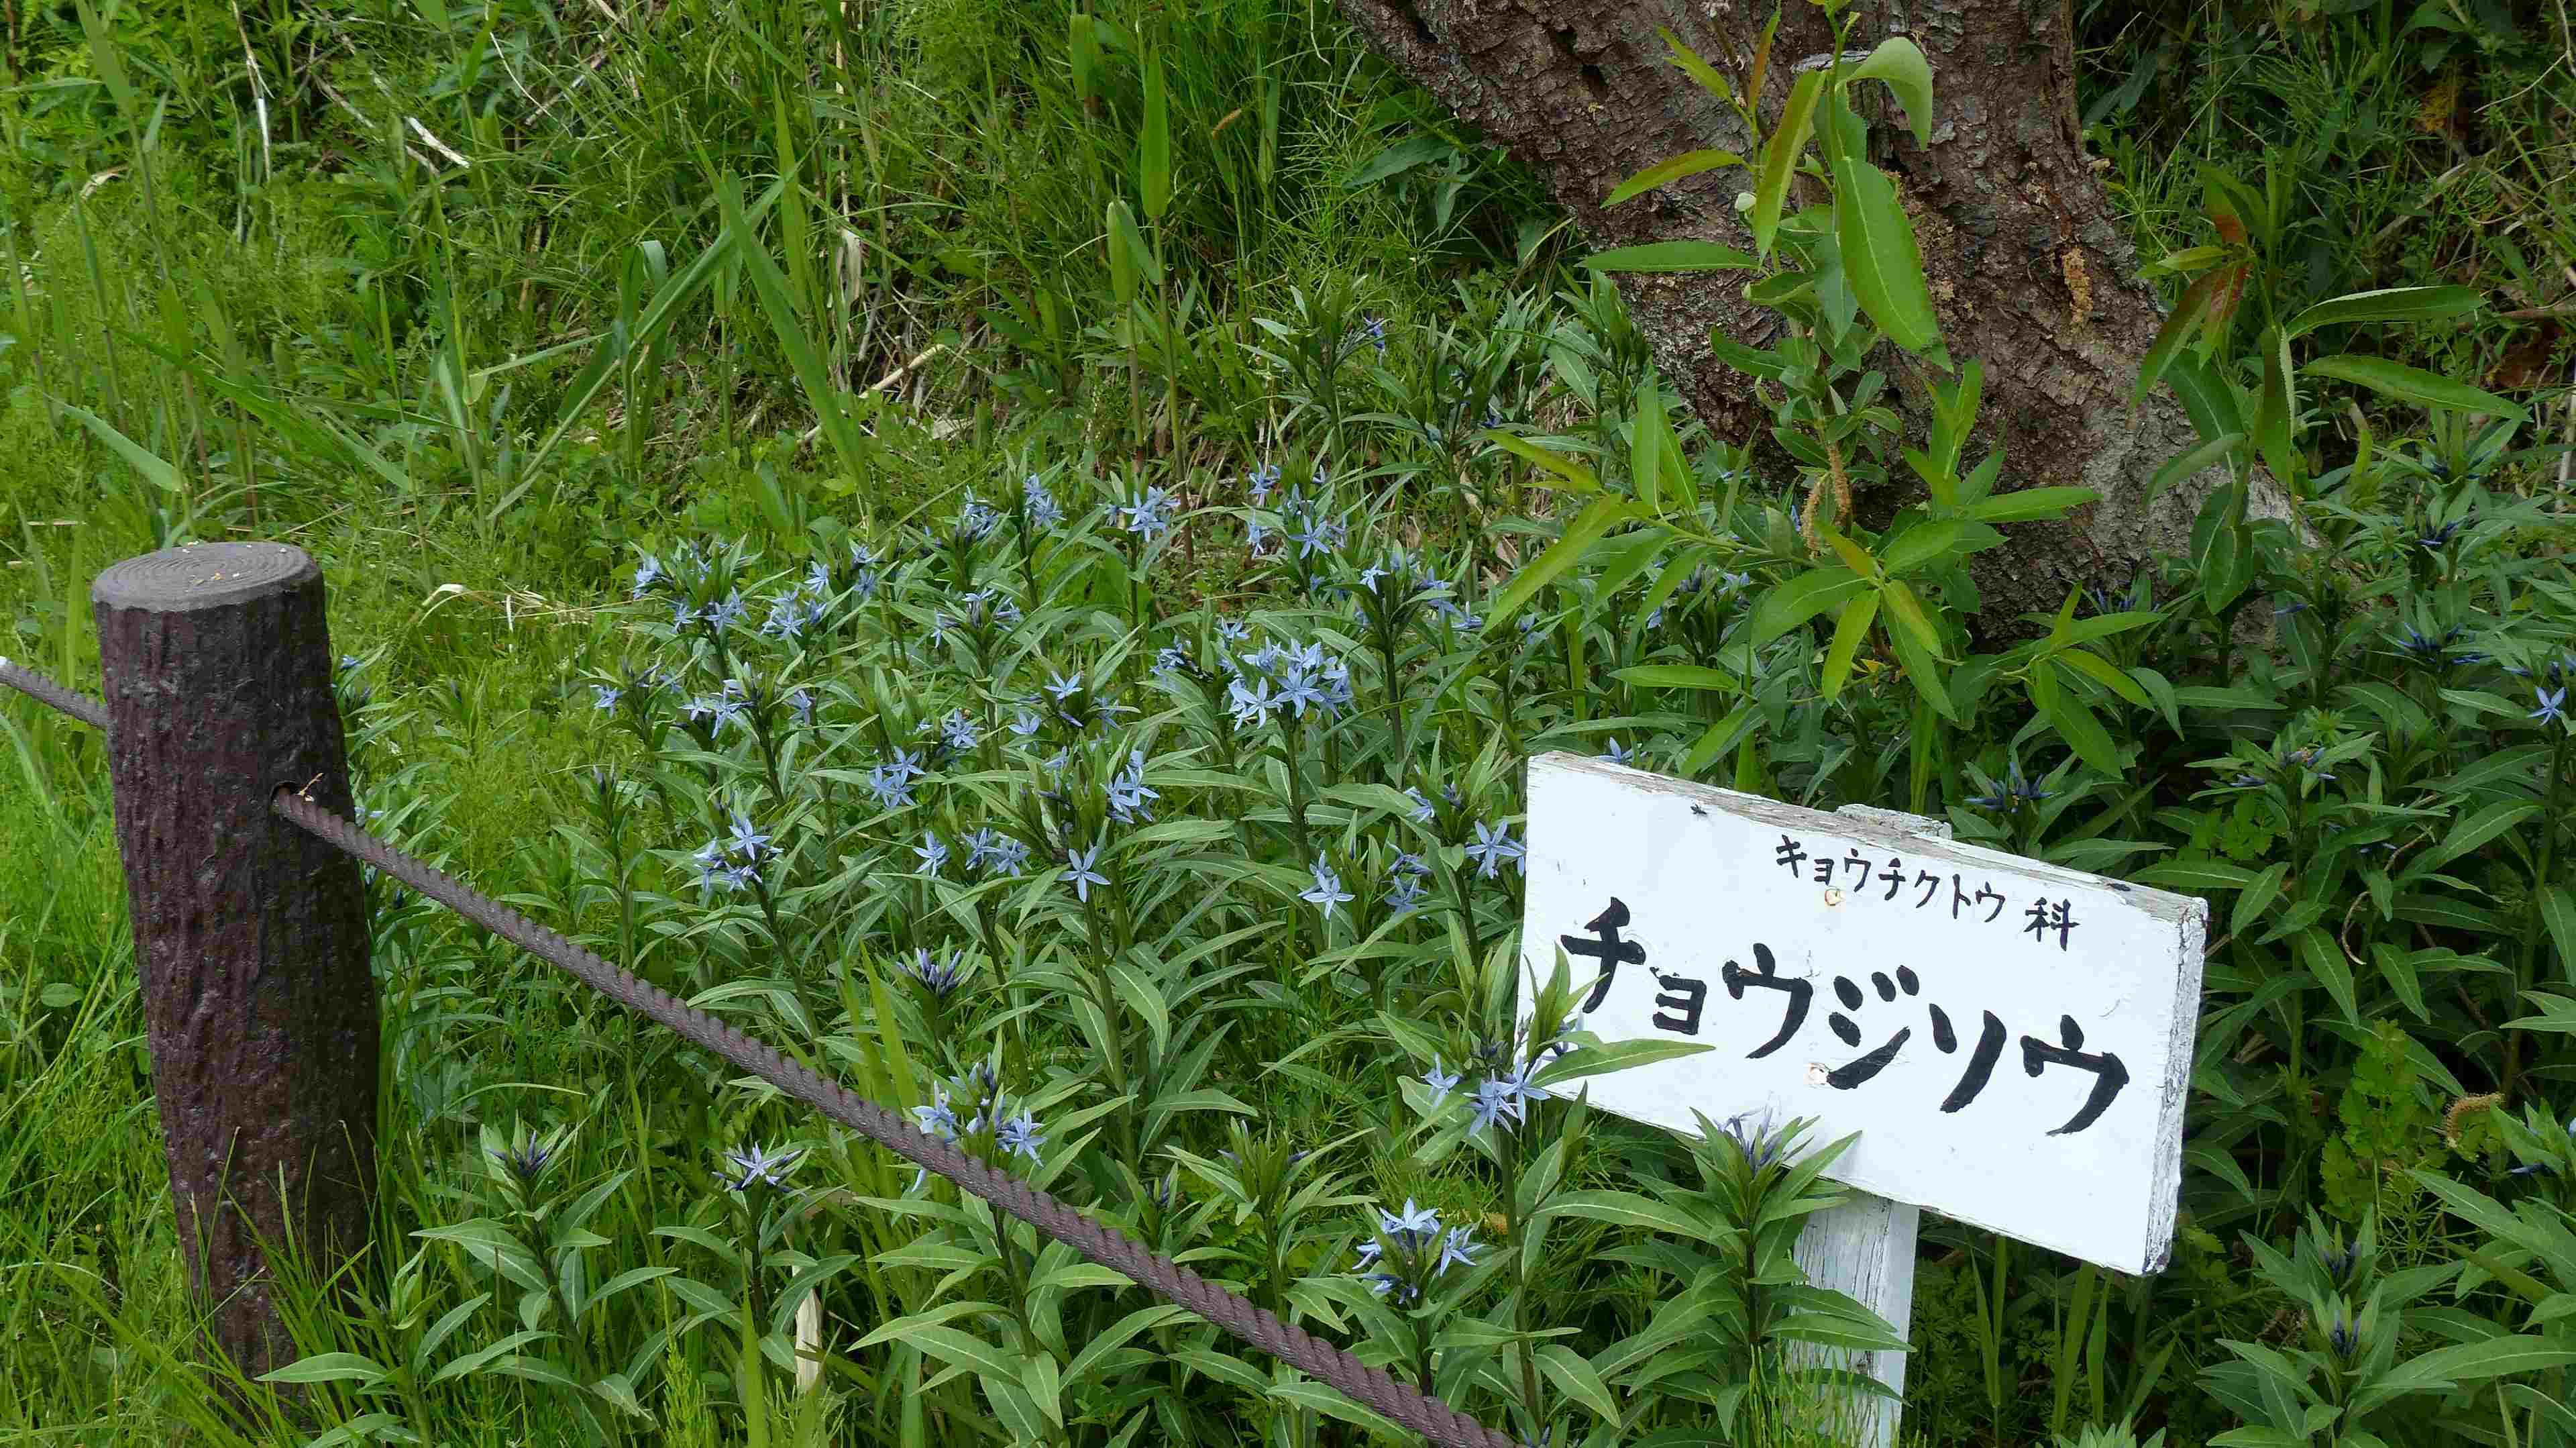 蝶々の季節がやって来た!_a0185081_22503655.jpg